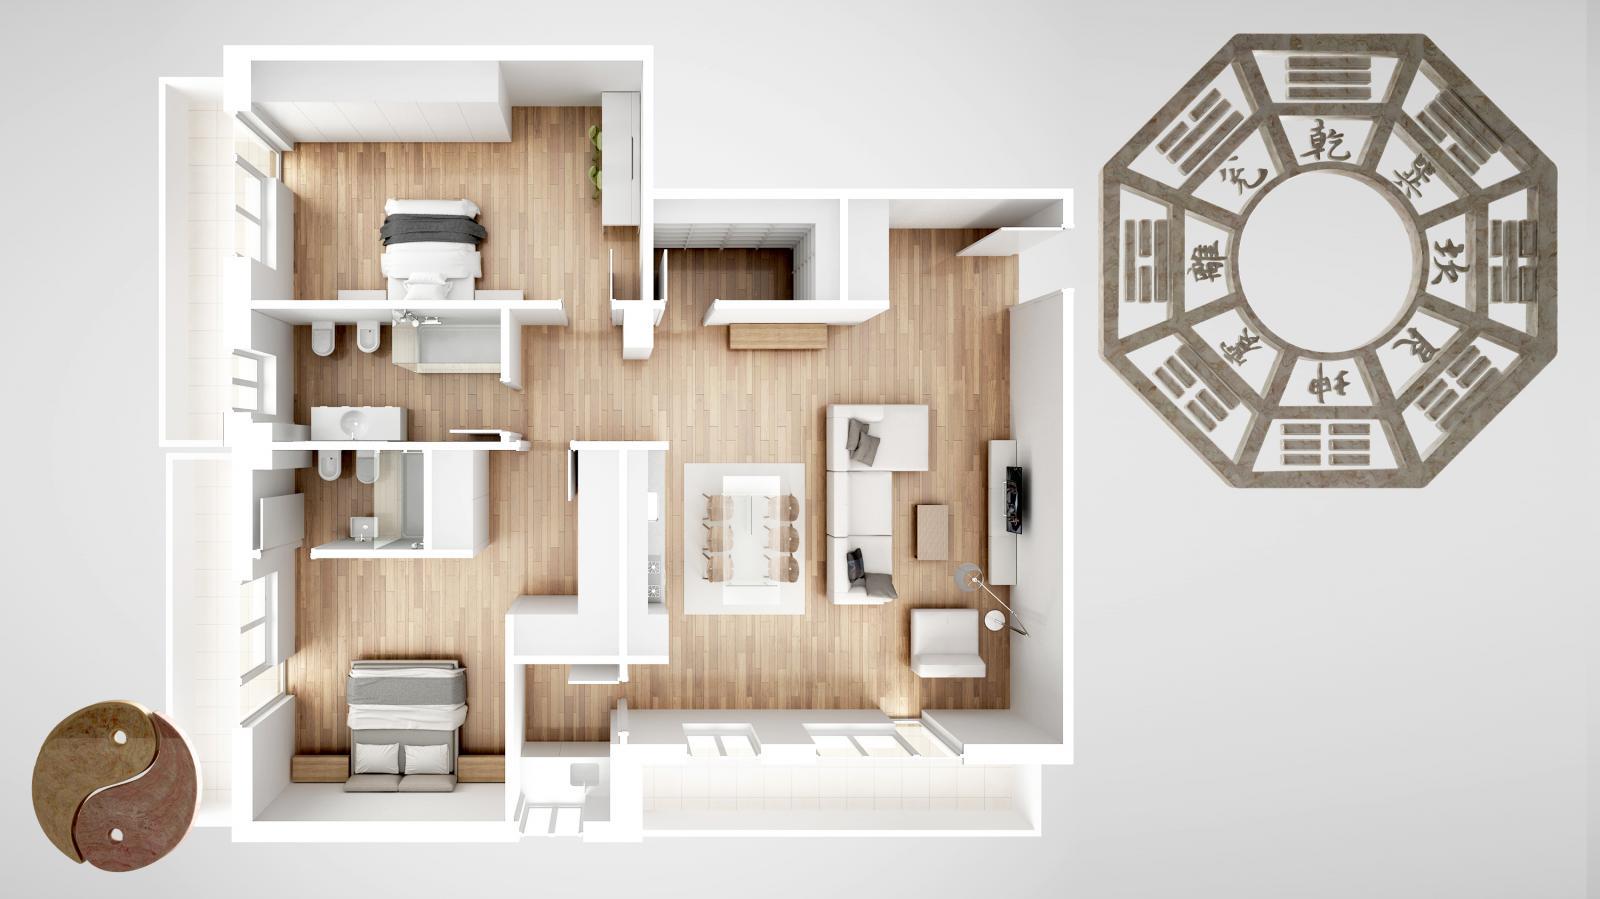 Construir una casa según el feng shui